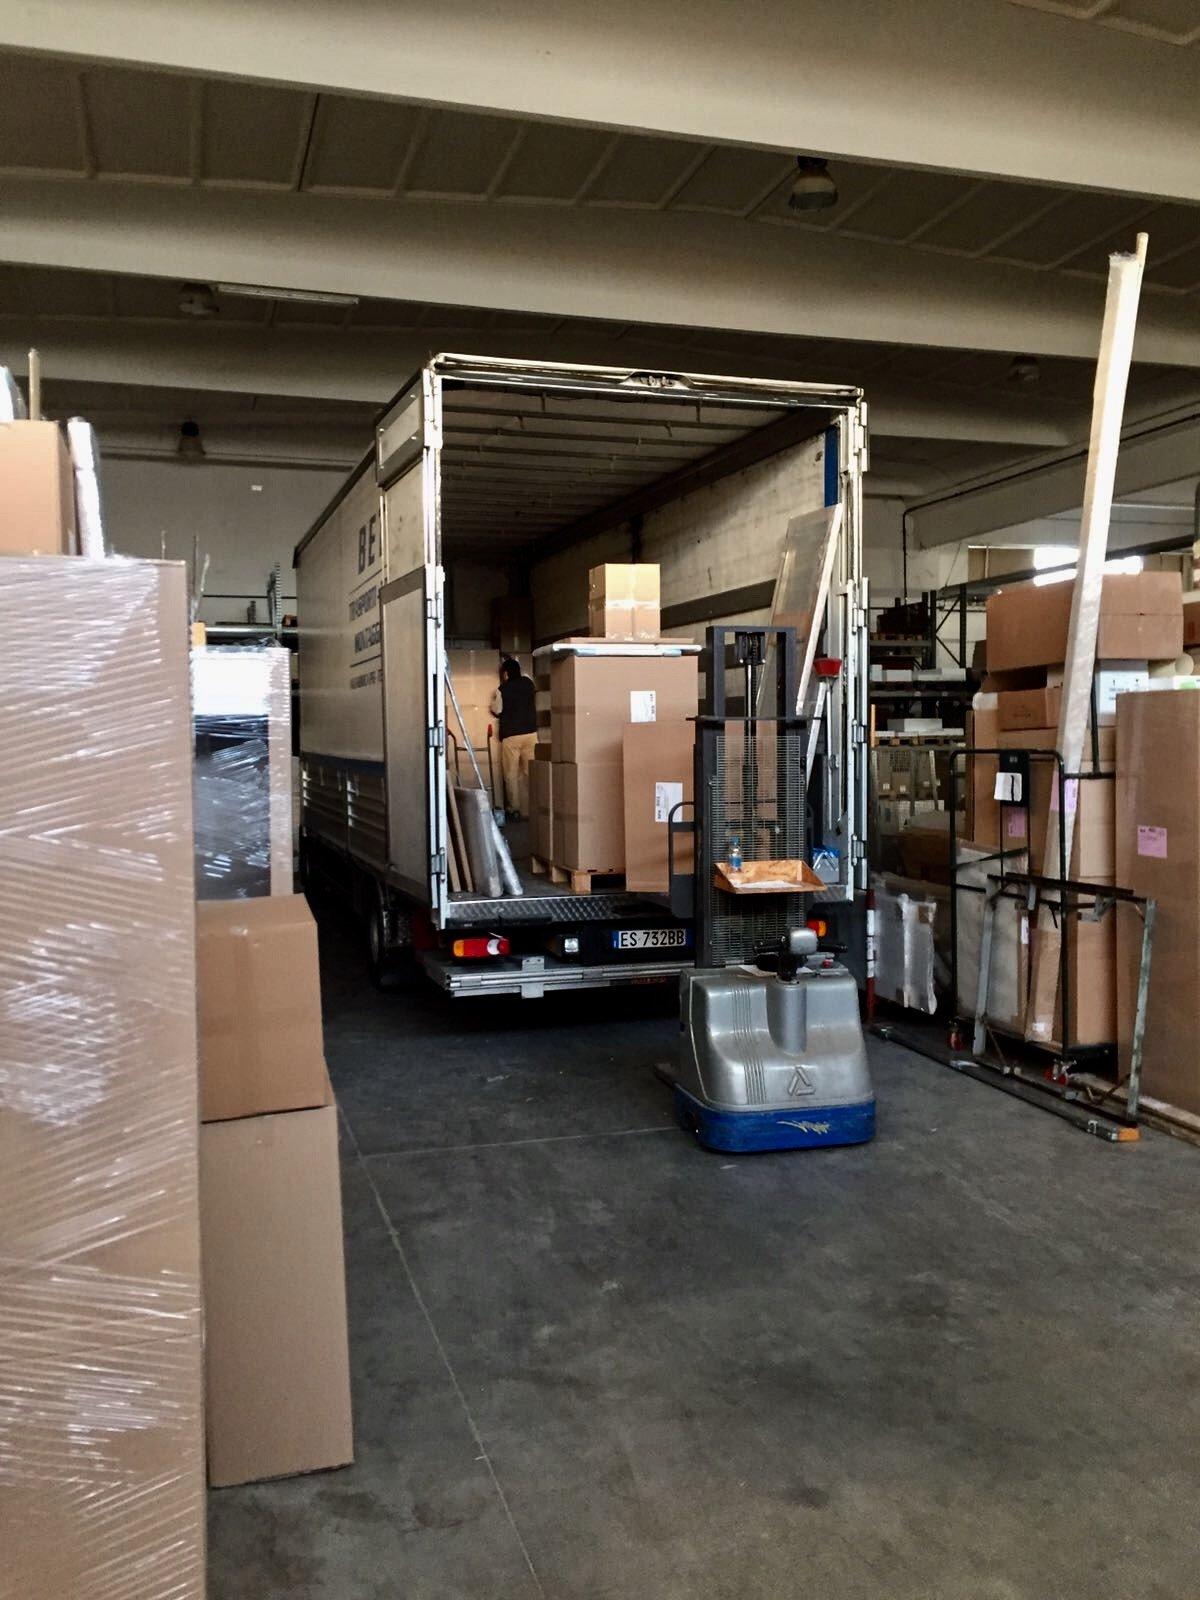 Un operaio scarica le scatole del trasloco dal retro del camion